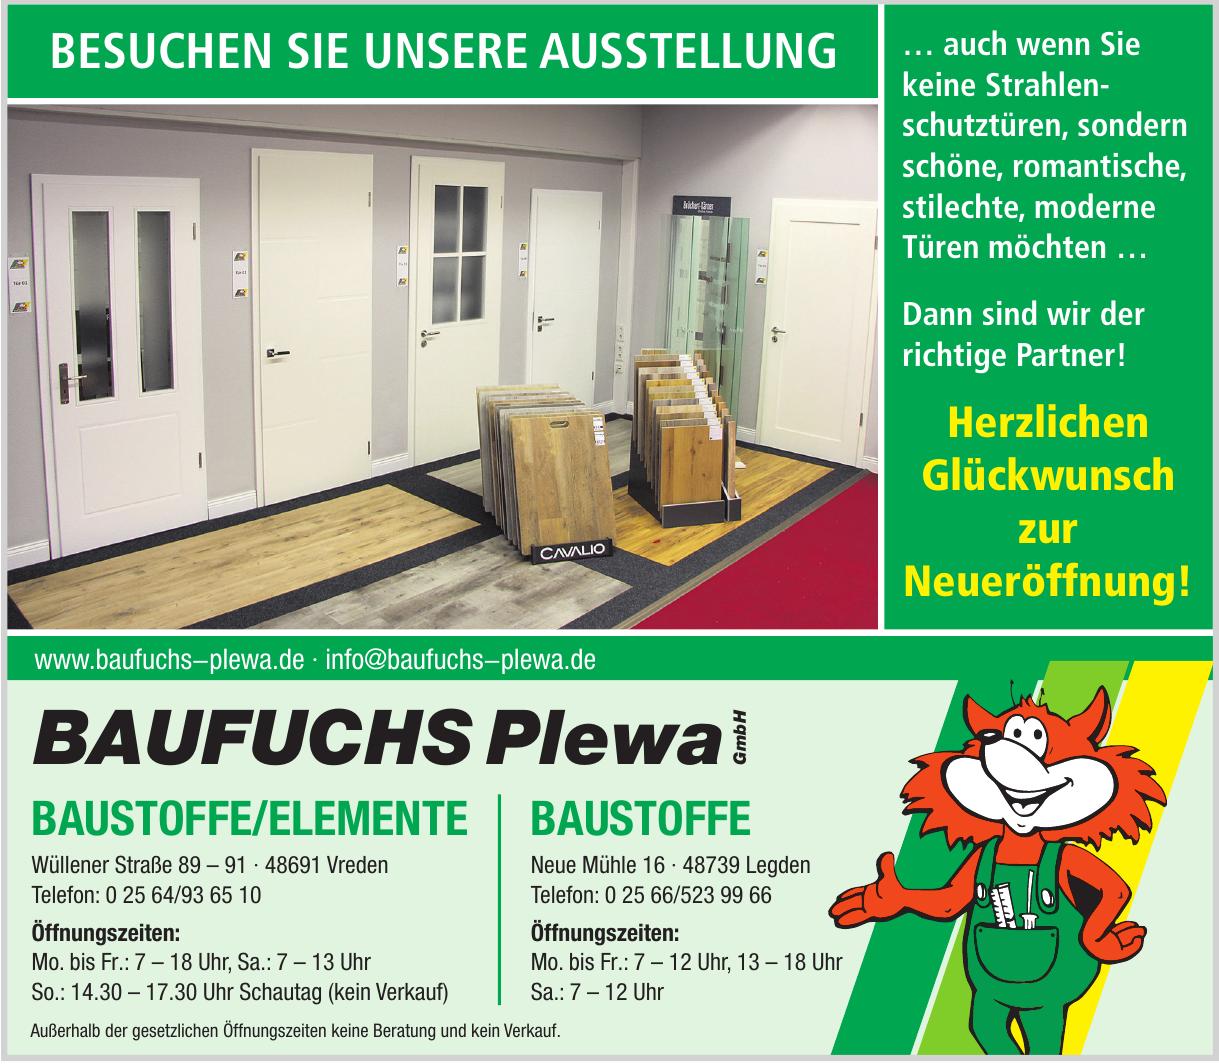 Baufuchs Plewa GmbH